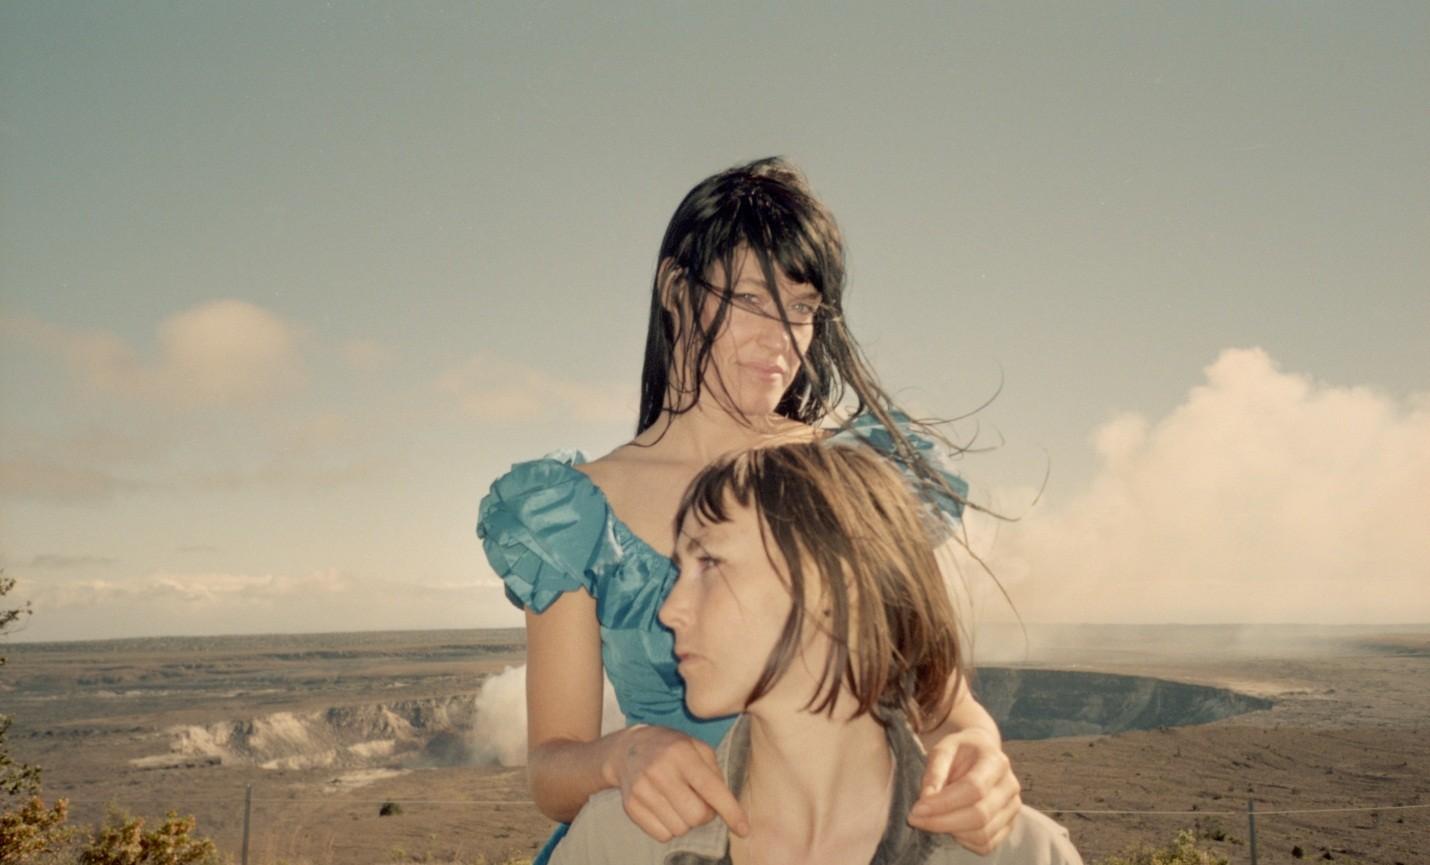 Las chicas quieren divertirse: CocoRosie en Córdoba